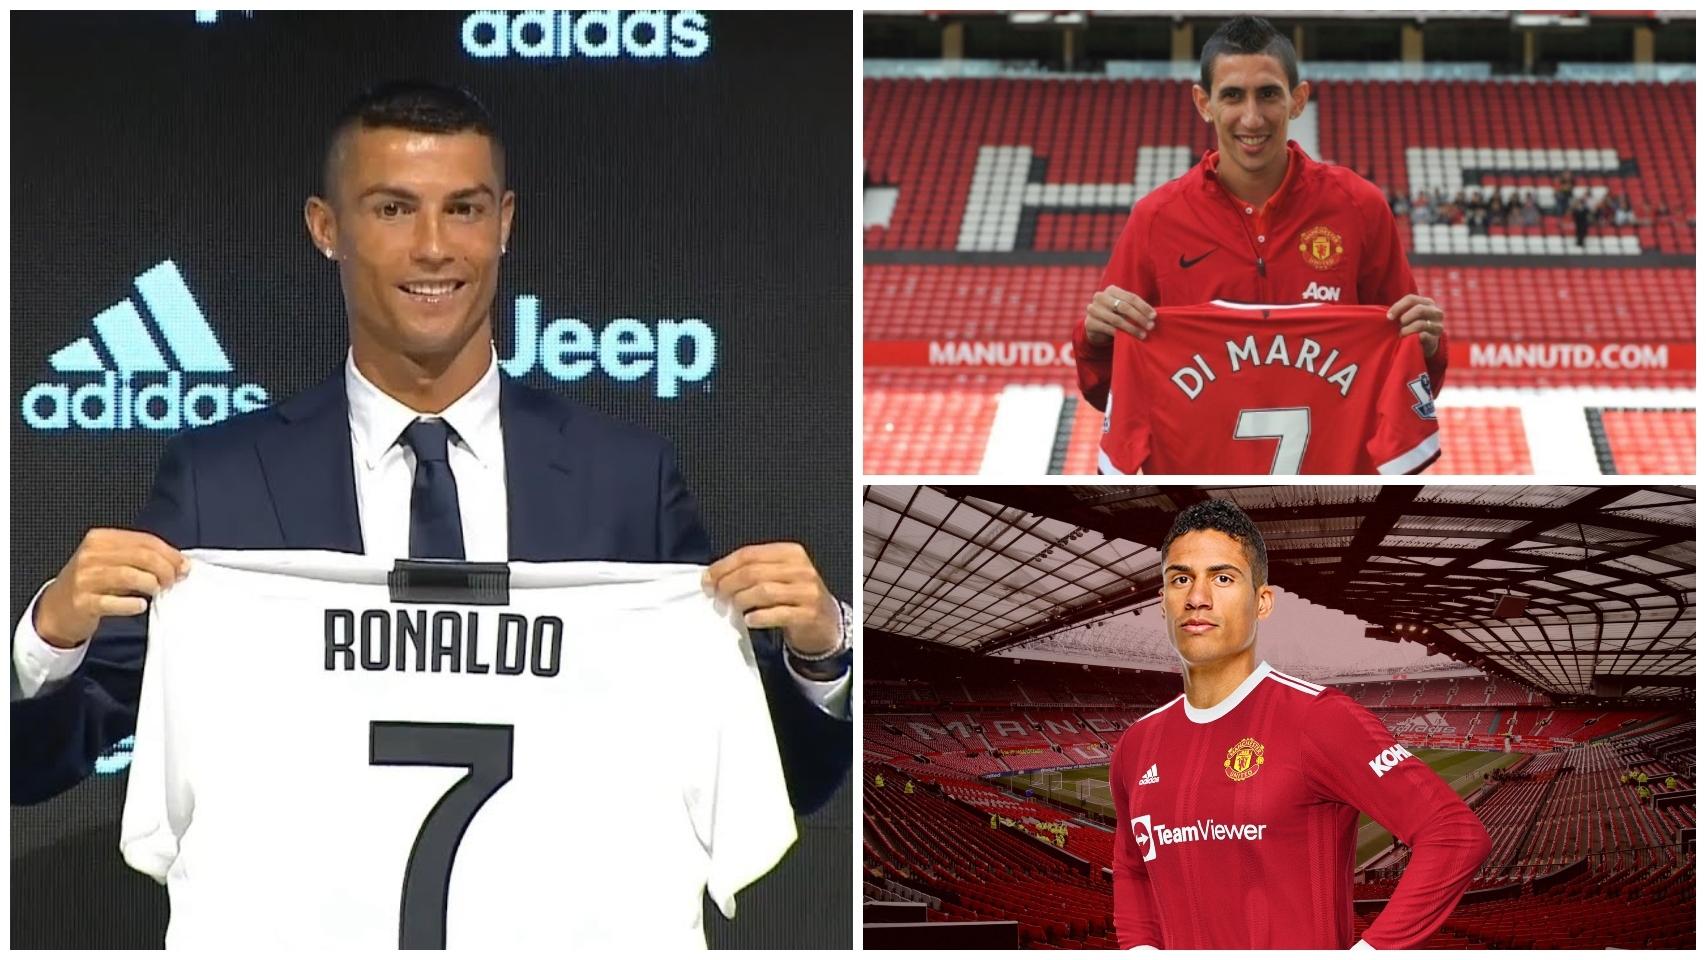 Las 10 ventas más caras de la historia del Real Madrid